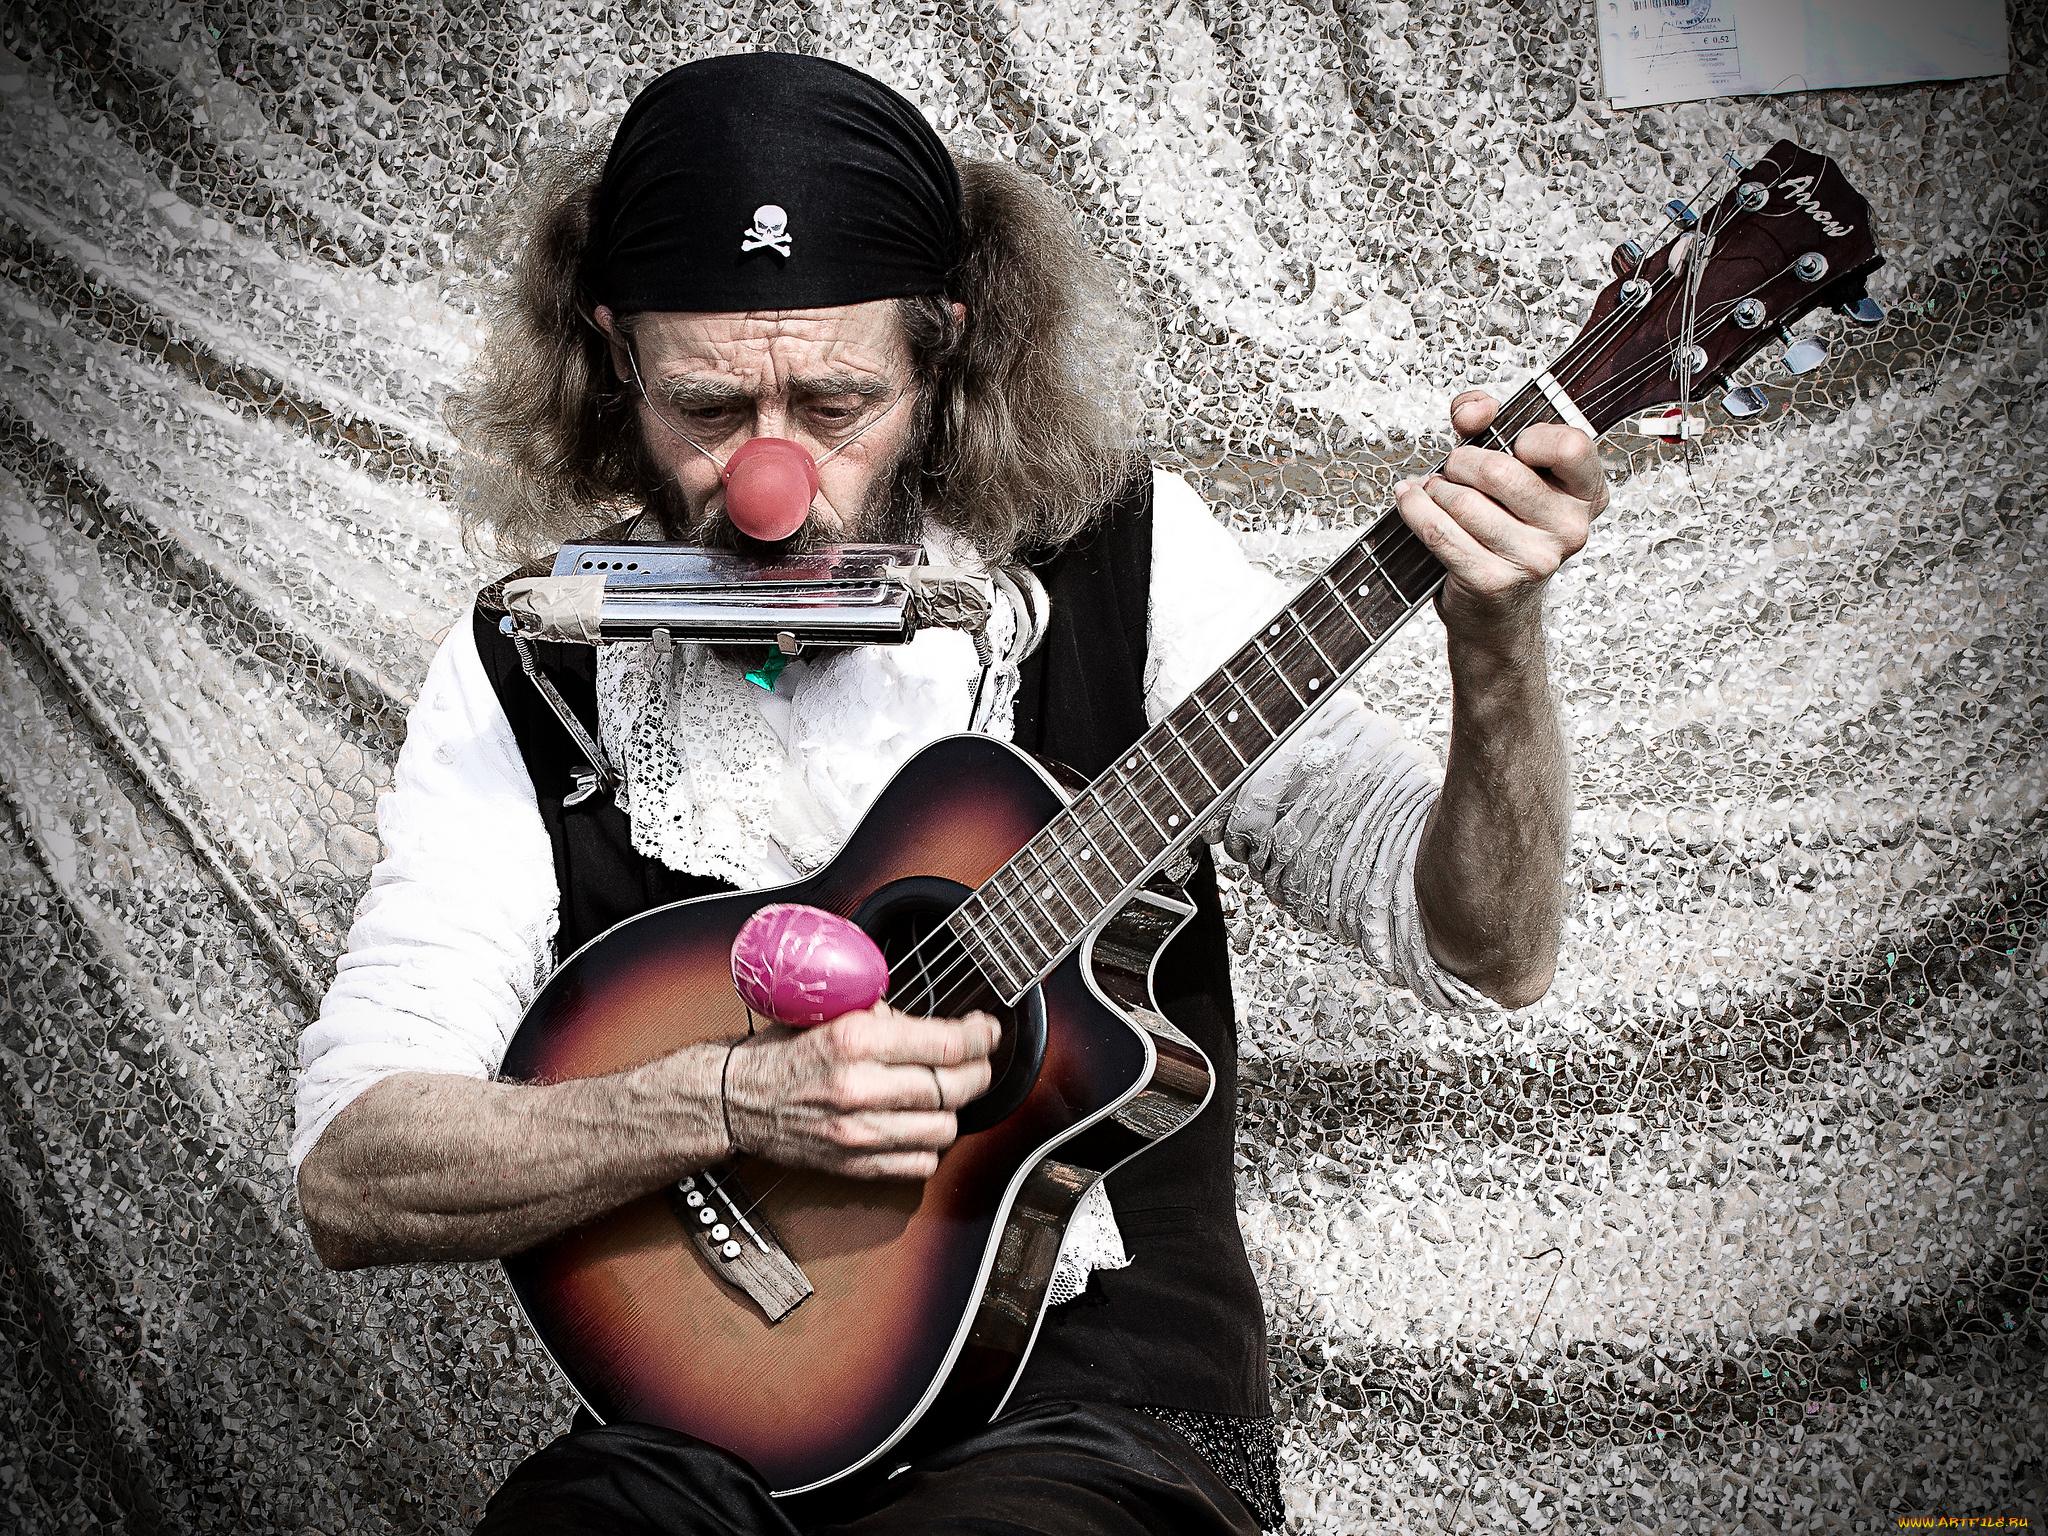 парень гитара мужчина природа дерево  № 3470150 бесплатно